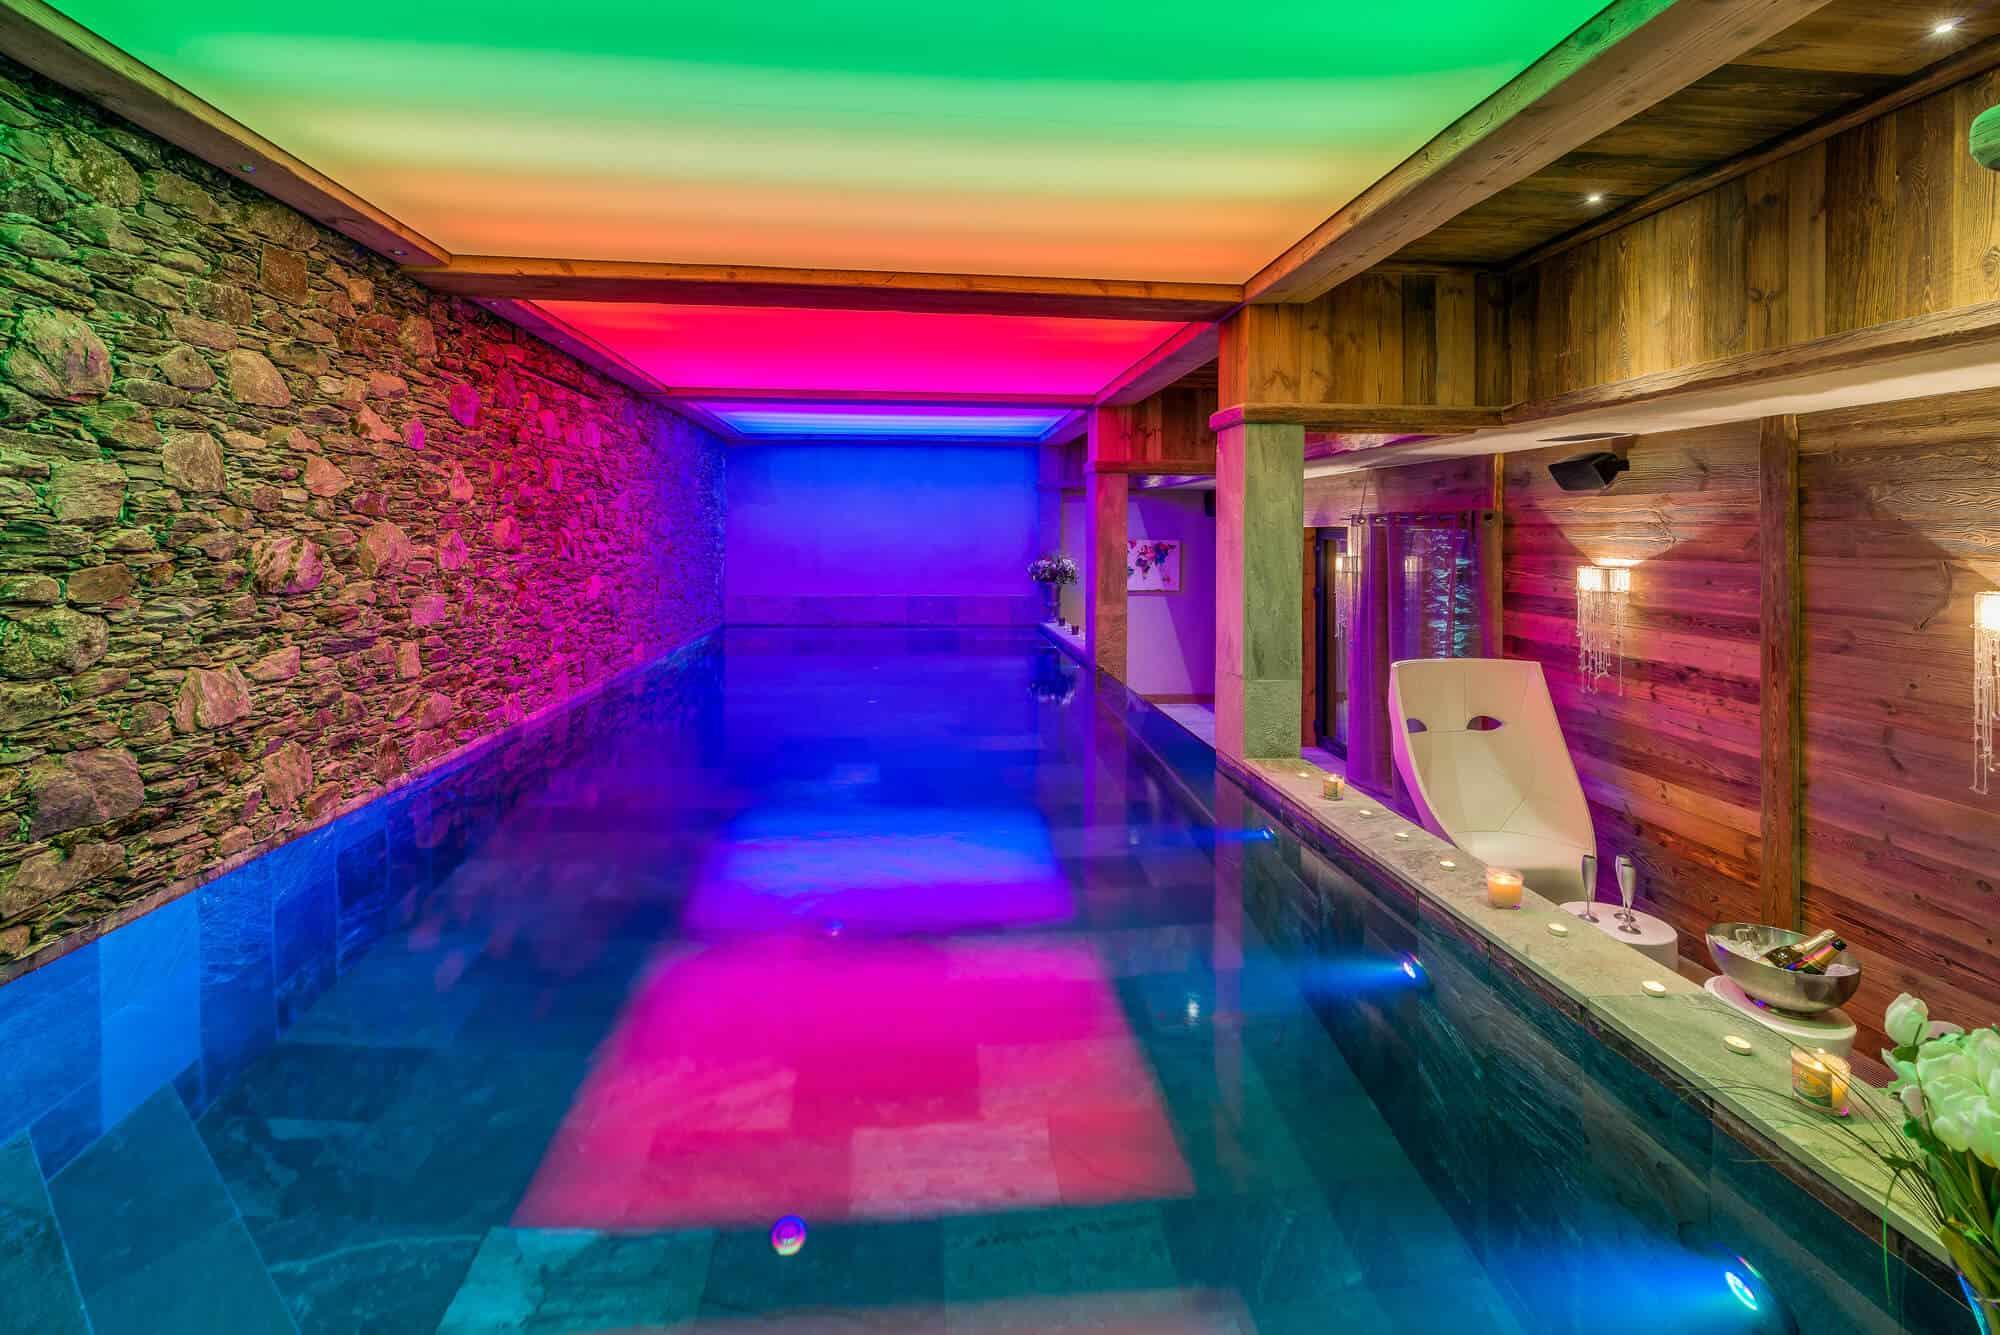 Louer un chalet de luxe avec une piscine privée